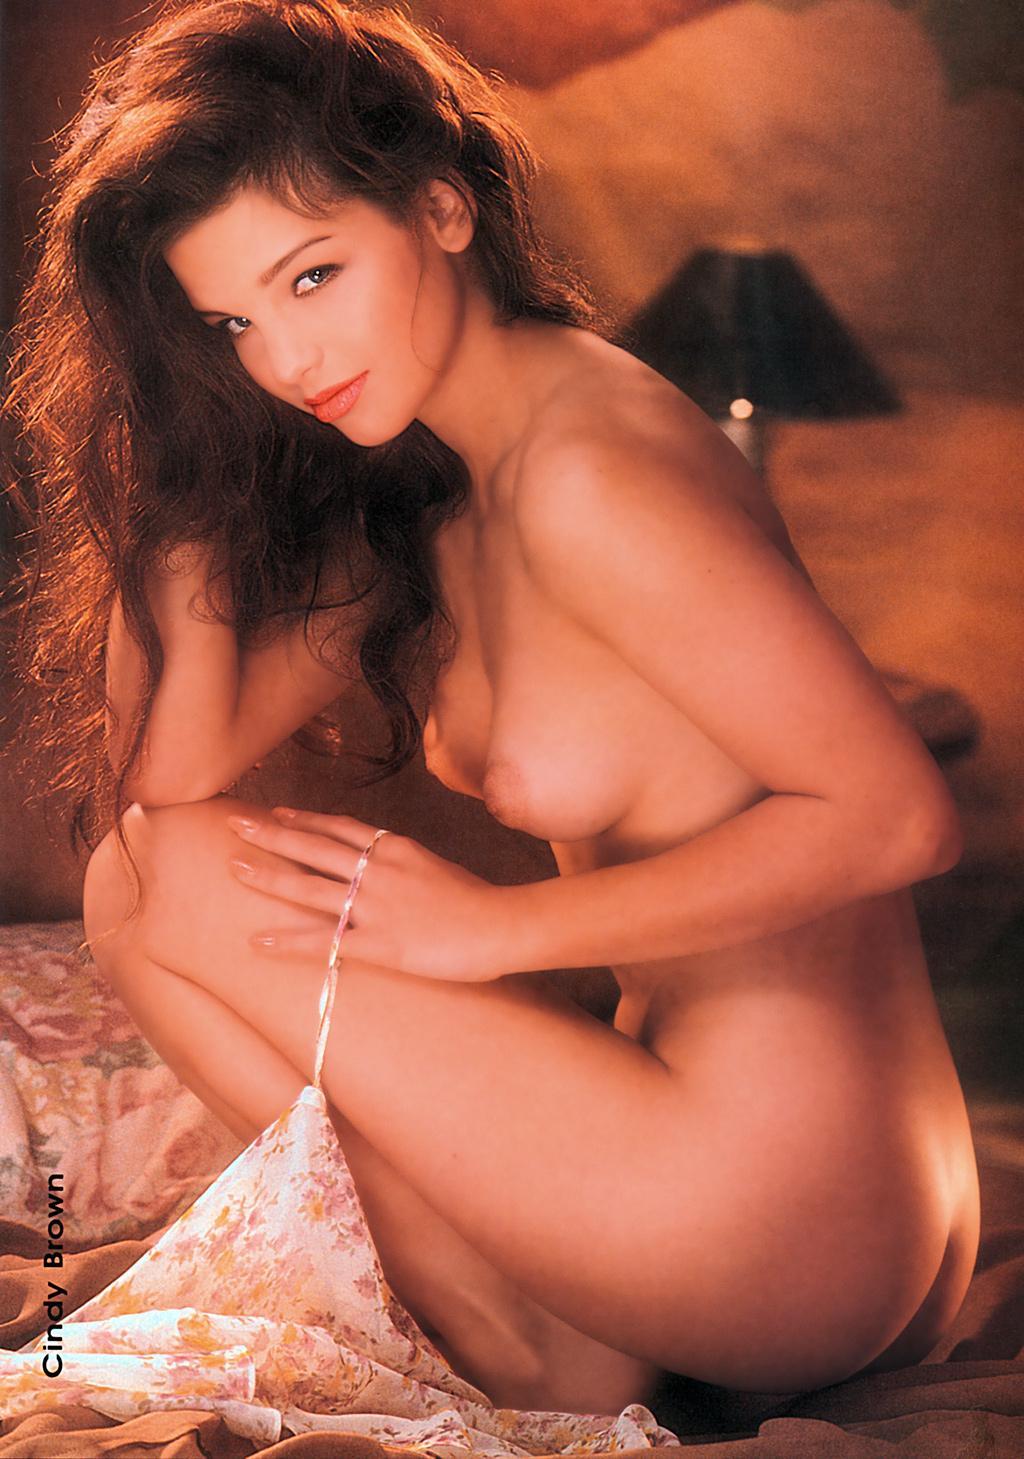 amy-grant-nude-photos